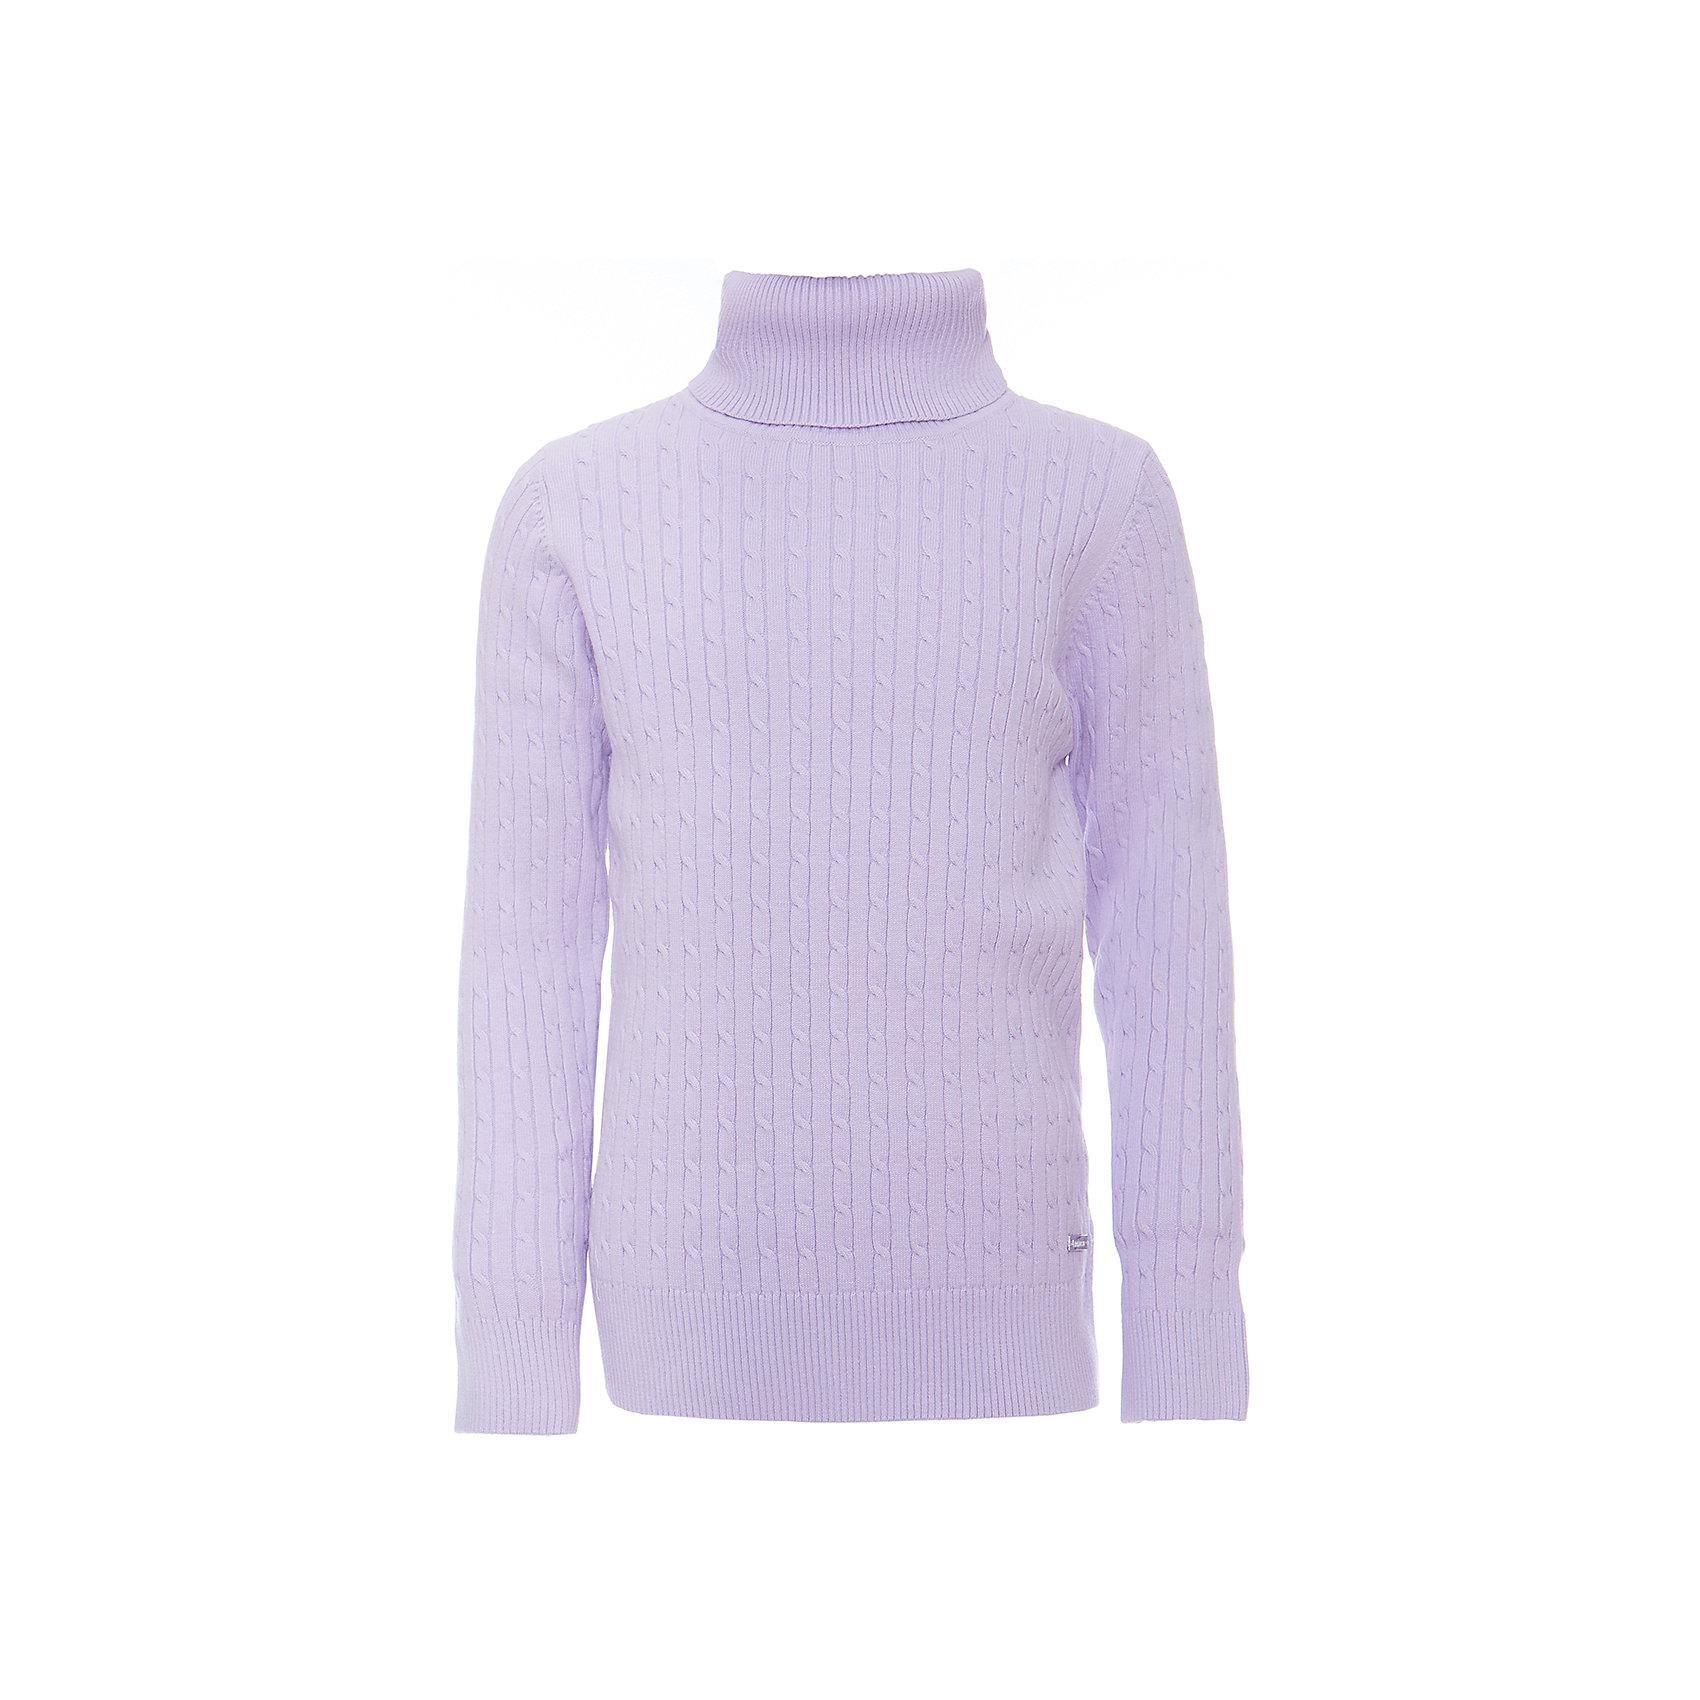 Водолазка для девочки LuminosoВодолазки<br>Характеристики товара:<br><br>- цвет: лиловый;<br>- материал: 95% хлопок,5% эластан;<br>- качественная пряжа;<br>- резинка по низу и на рукавах;<br>- длинный рукав;<br>- вязаный узор;<br>- высокий ворот.<br><br>Стильная одежда от бренда Luminoso (Люминосо), созданная при участии итальянских дизайнеров, учитывает потребности подростков и последние веяния моды. Она удобная и модная.<br>Эта тонкая вязаная водолазка идеальна для прохладной погоды. Она хорошо сидит на ребенке, обеспечивает комфорт и отлично сочетается с одежной разных стилей. Модель отличается высоким качеством пряжи и продуманным дизайном.<br><br>Водолазку для девочки от бренда Luminoso (Люминосо) можно купить в нашем интернет-магазине.<br><br>Ширина мм: 230<br>Глубина мм: 40<br>Высота мм: 220<br>Вес г: 250<br>Цвет: лиловый<br>Возраст от месяцев: 156<br>Возраст до месяцев: 168<br>Пол: Женский<br>Возраст: Детский<br>Размер: 164,134,140,146,152,158<br>SKU: 4929479